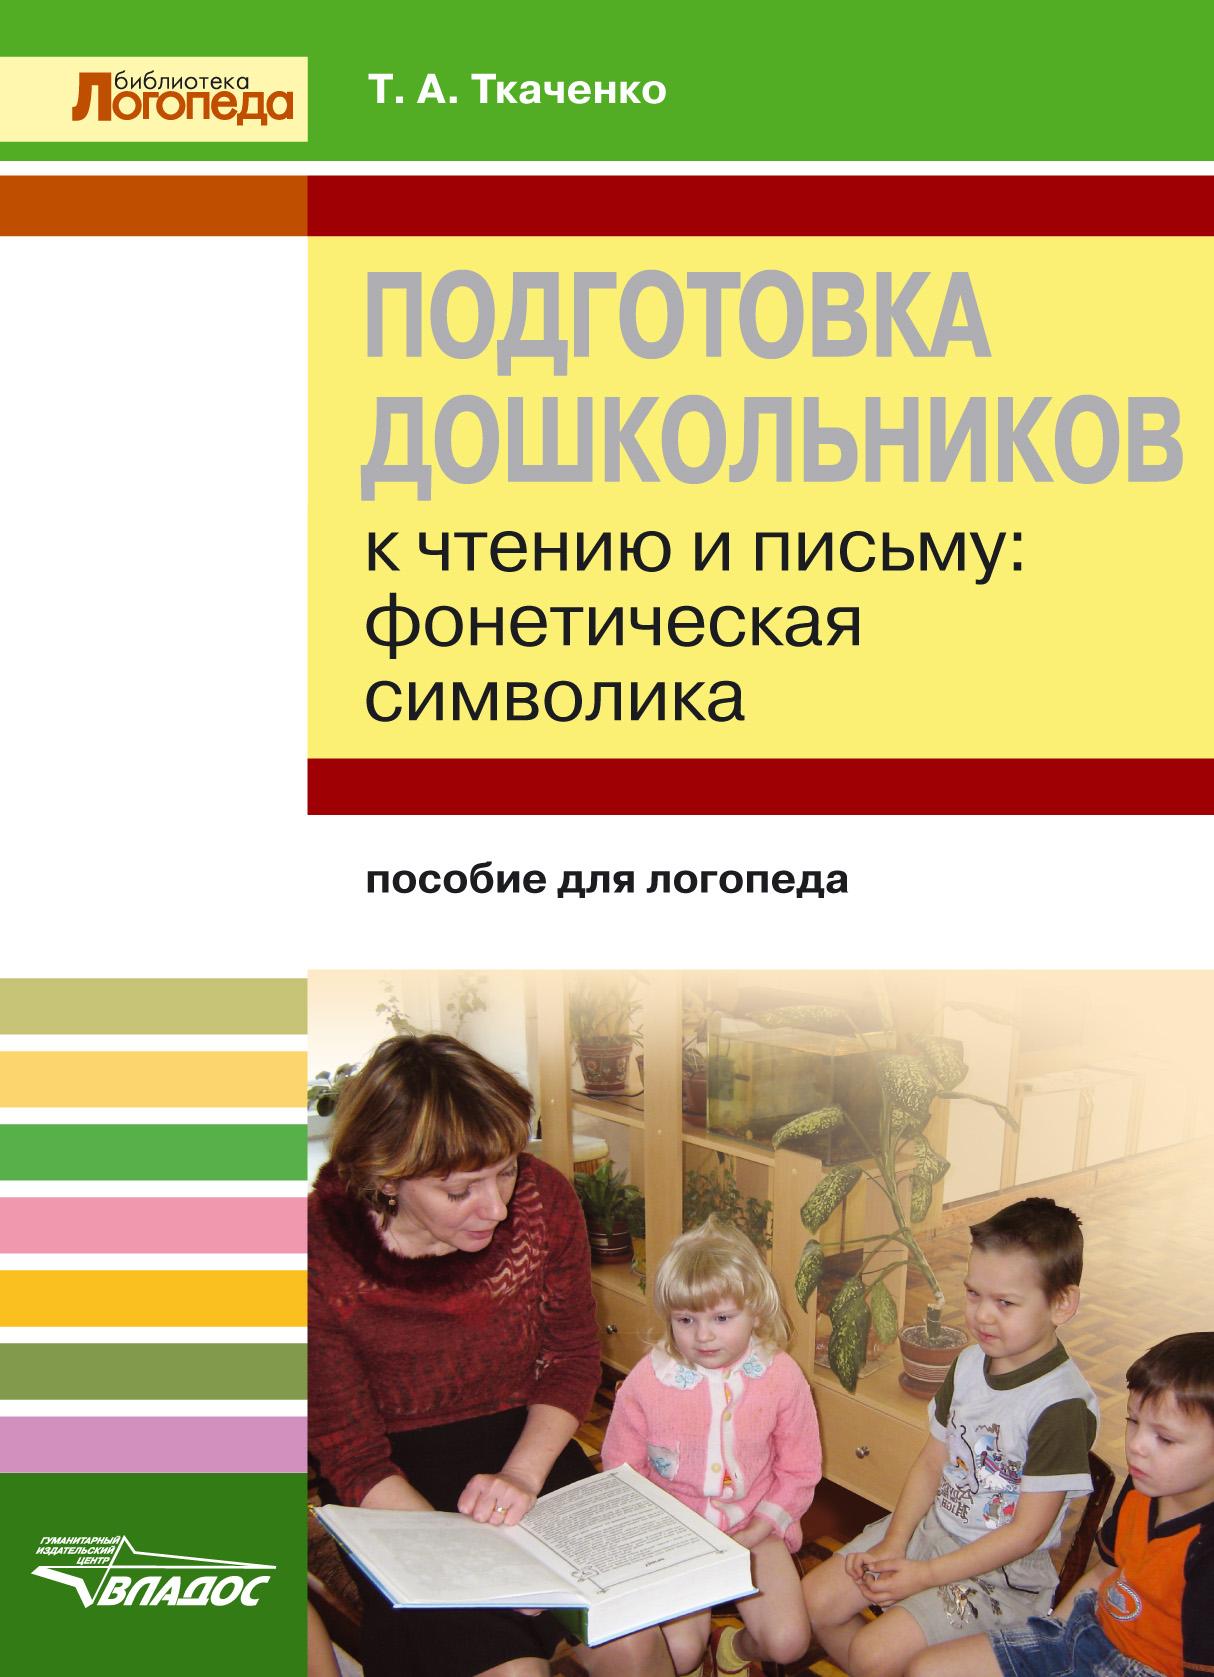 Подготовка дошкольников к чтению и письму. Фонетическая символика. Пособие для логопеда